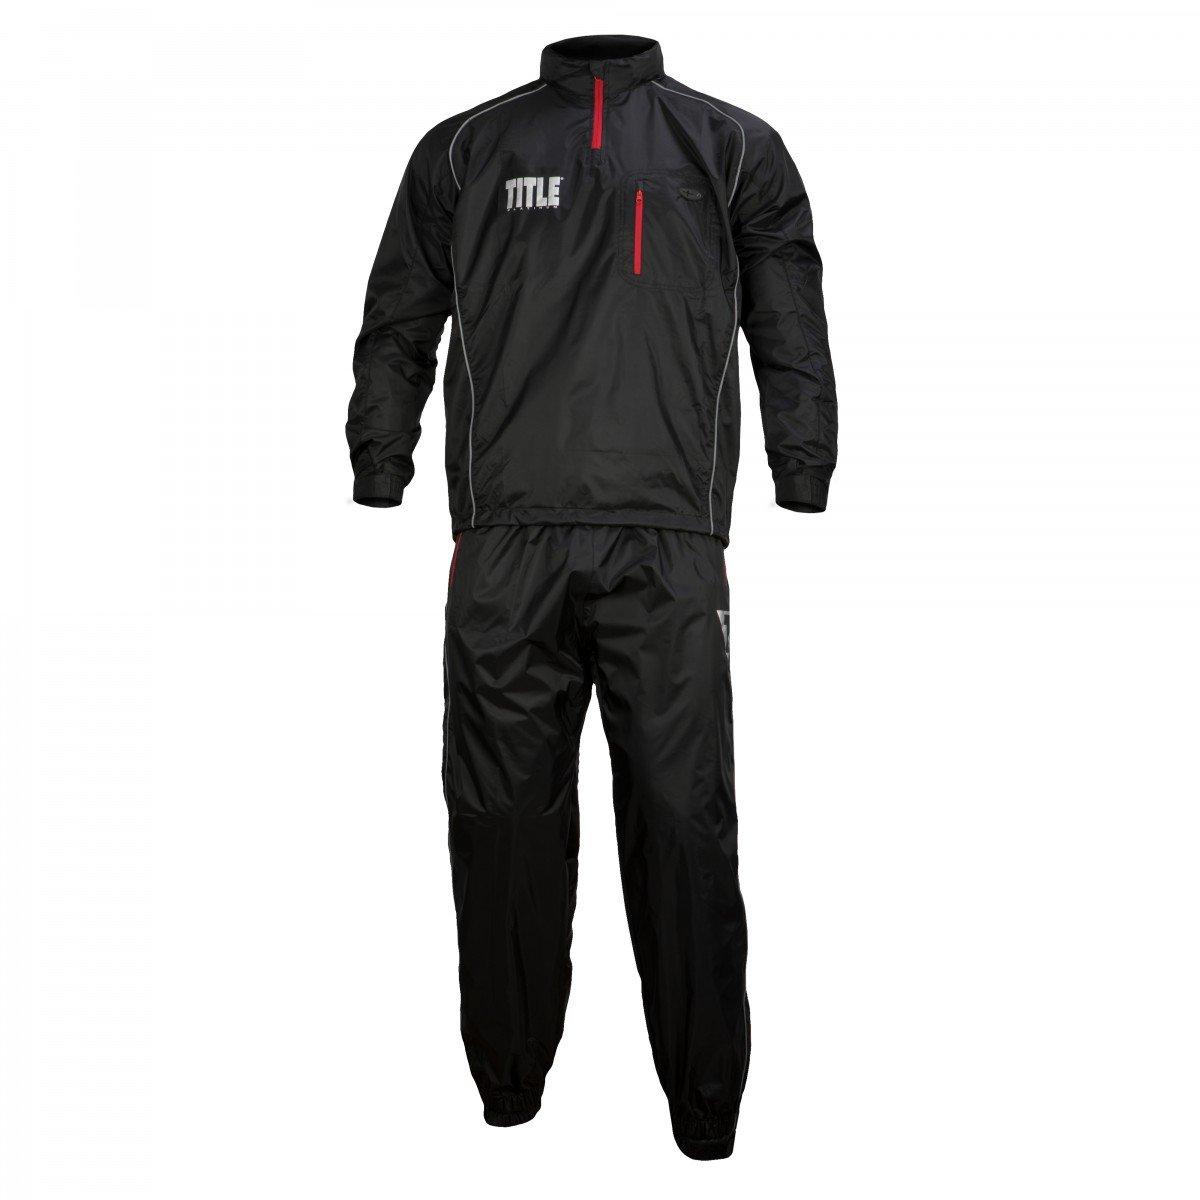 TITLE Platinum Prevail Rubberized Sauna Suit, Black, Large